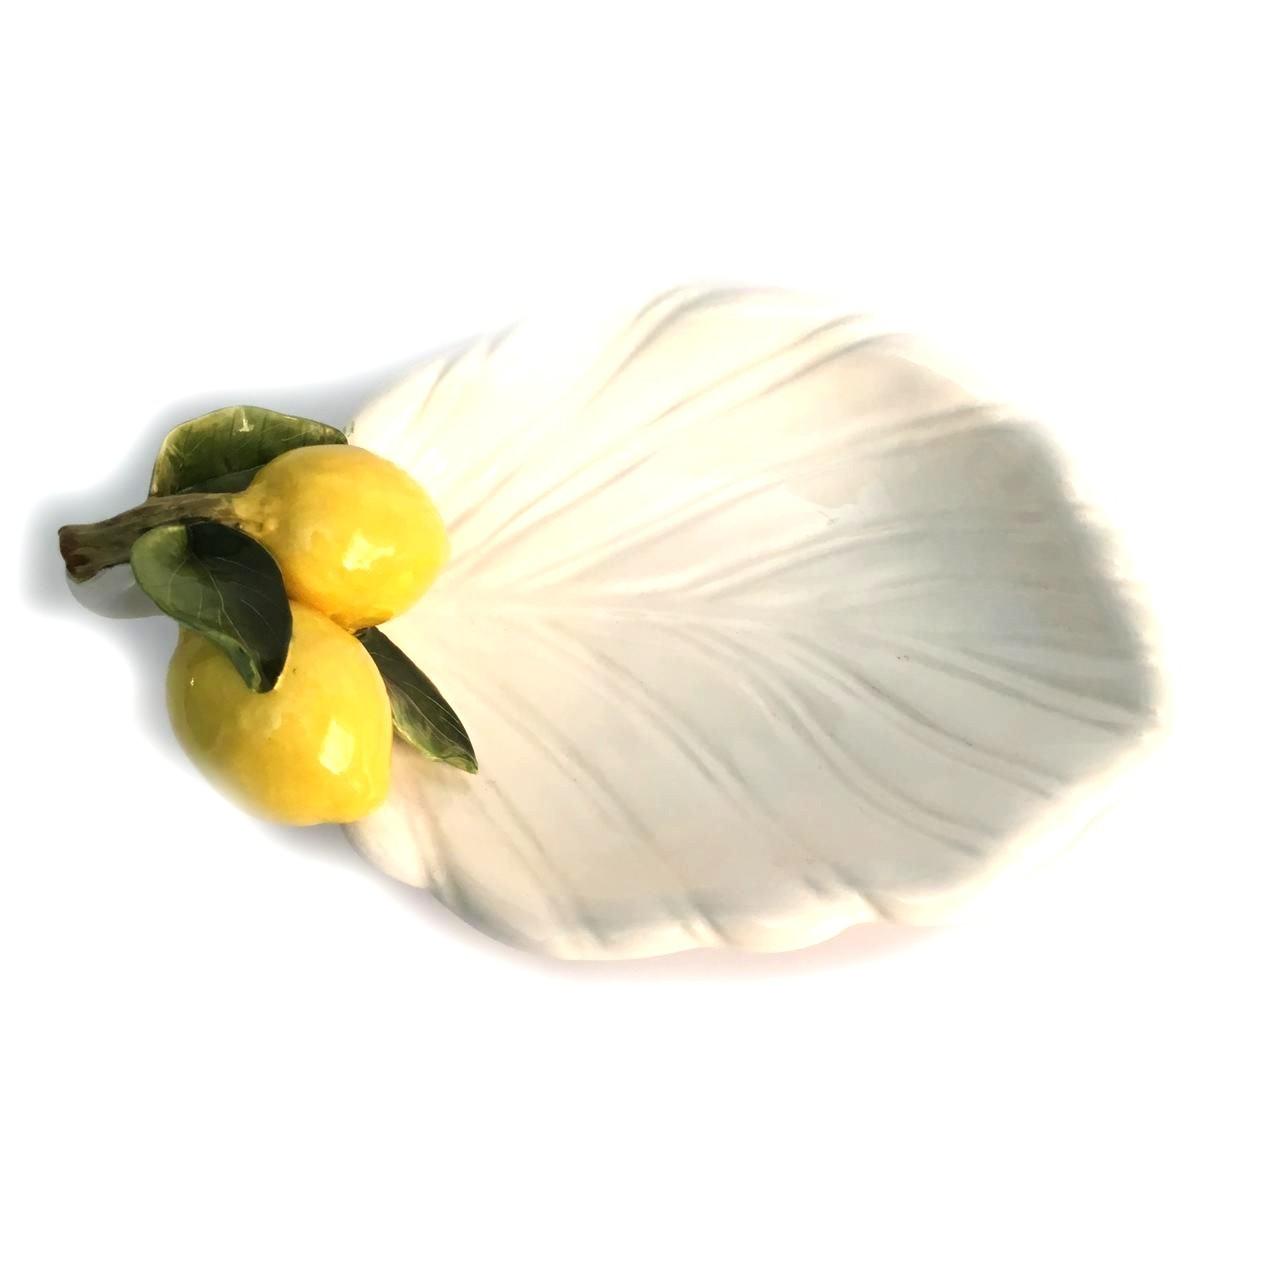 Petisquerira branca 1 folha de limão A 10 C 25 L 17 Zanatta casa